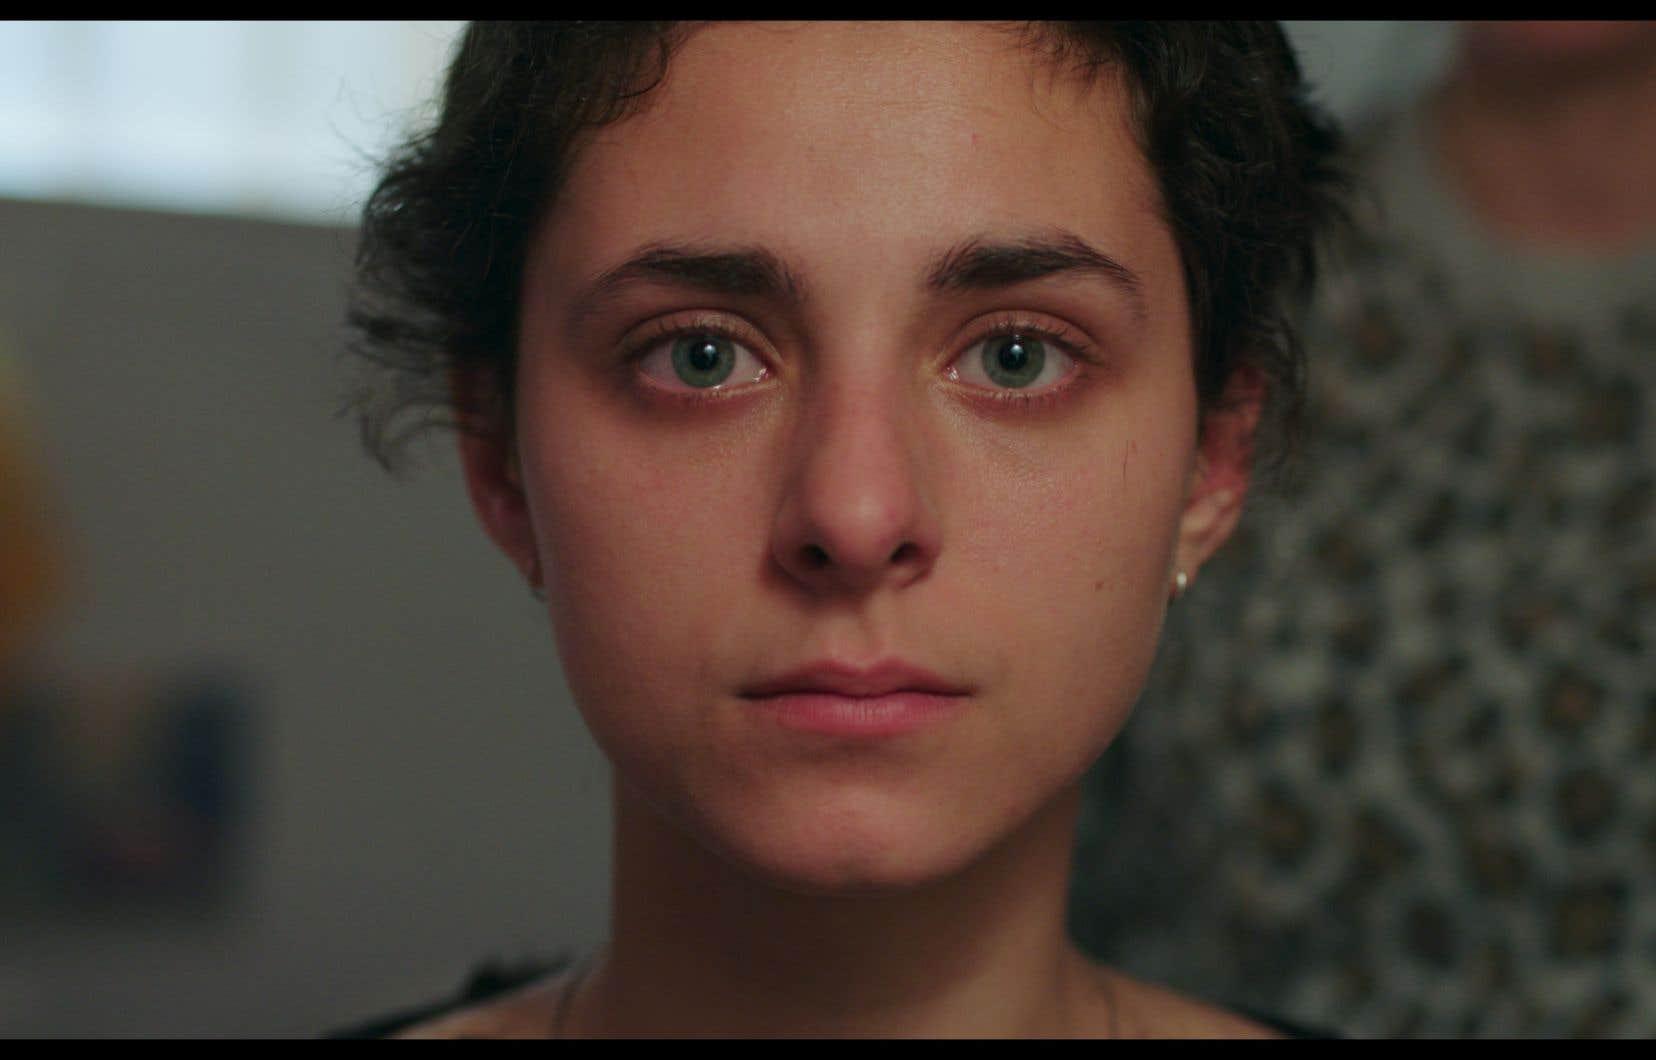 <i>Antigone</i>, de Sophie Deraspe, est sur toutes les lèvres. Récemment choisie pour représenter le Canada dans la course à l'Oscar du meilleur film en langue étrangère, cette transposition moderne de la tragédie de Sophocle aux maints échos actuels met en vedette Nahéma Ricci.